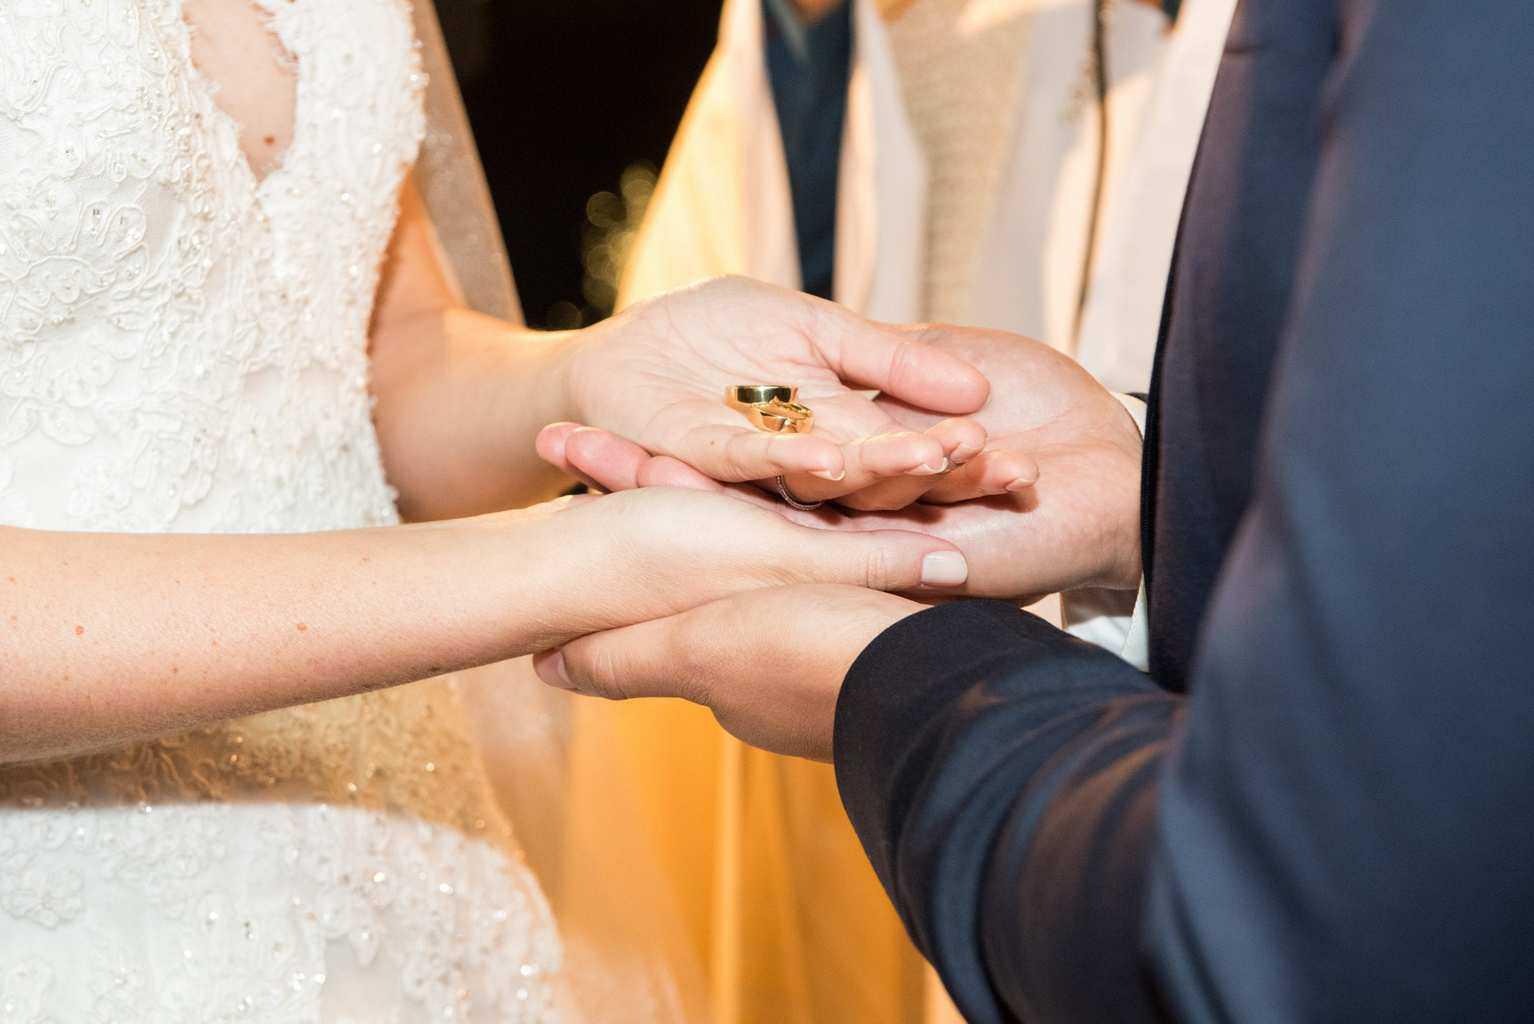 casamento-de-dia-casamento-Nicole-e-Thales-casamento-no-jardim-csasamento-ao-ar-livre-Fotografia-Marina-Fava-Galeria-Jardim-Rio-de-Janeiro-95